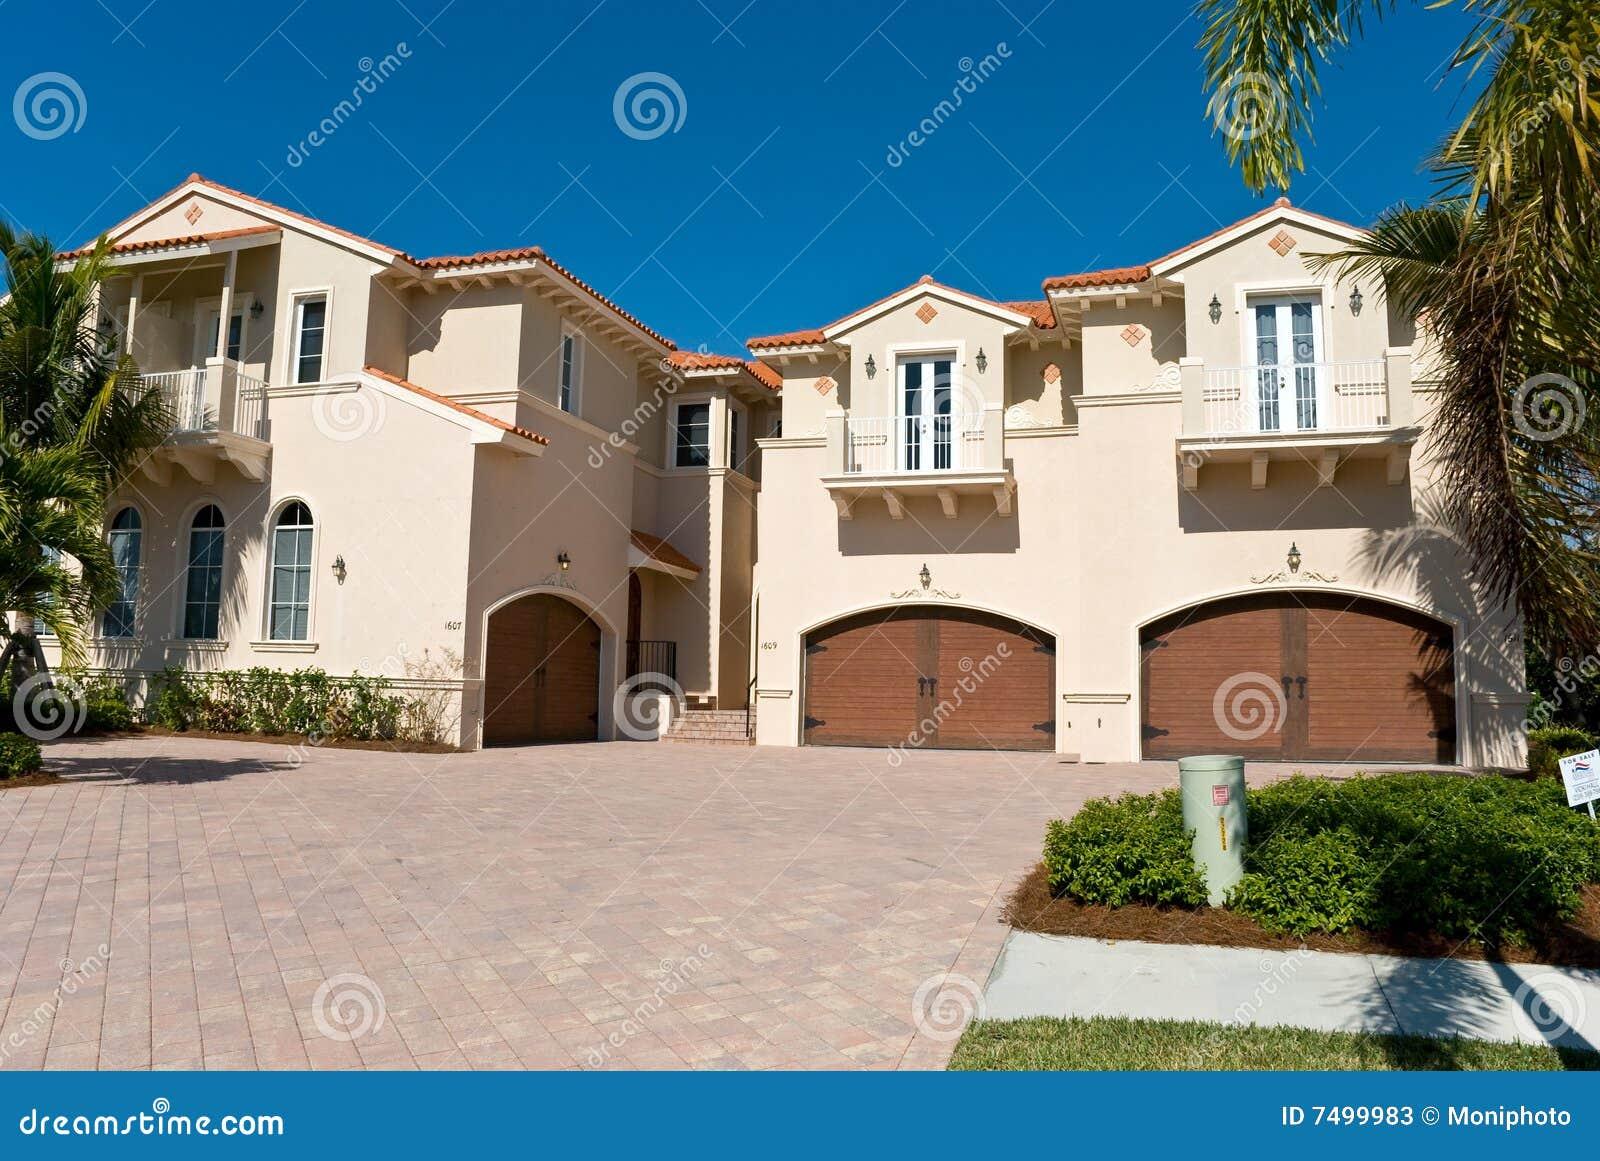 Casa residencial en Nápoles - sudoeste la Florida encendido